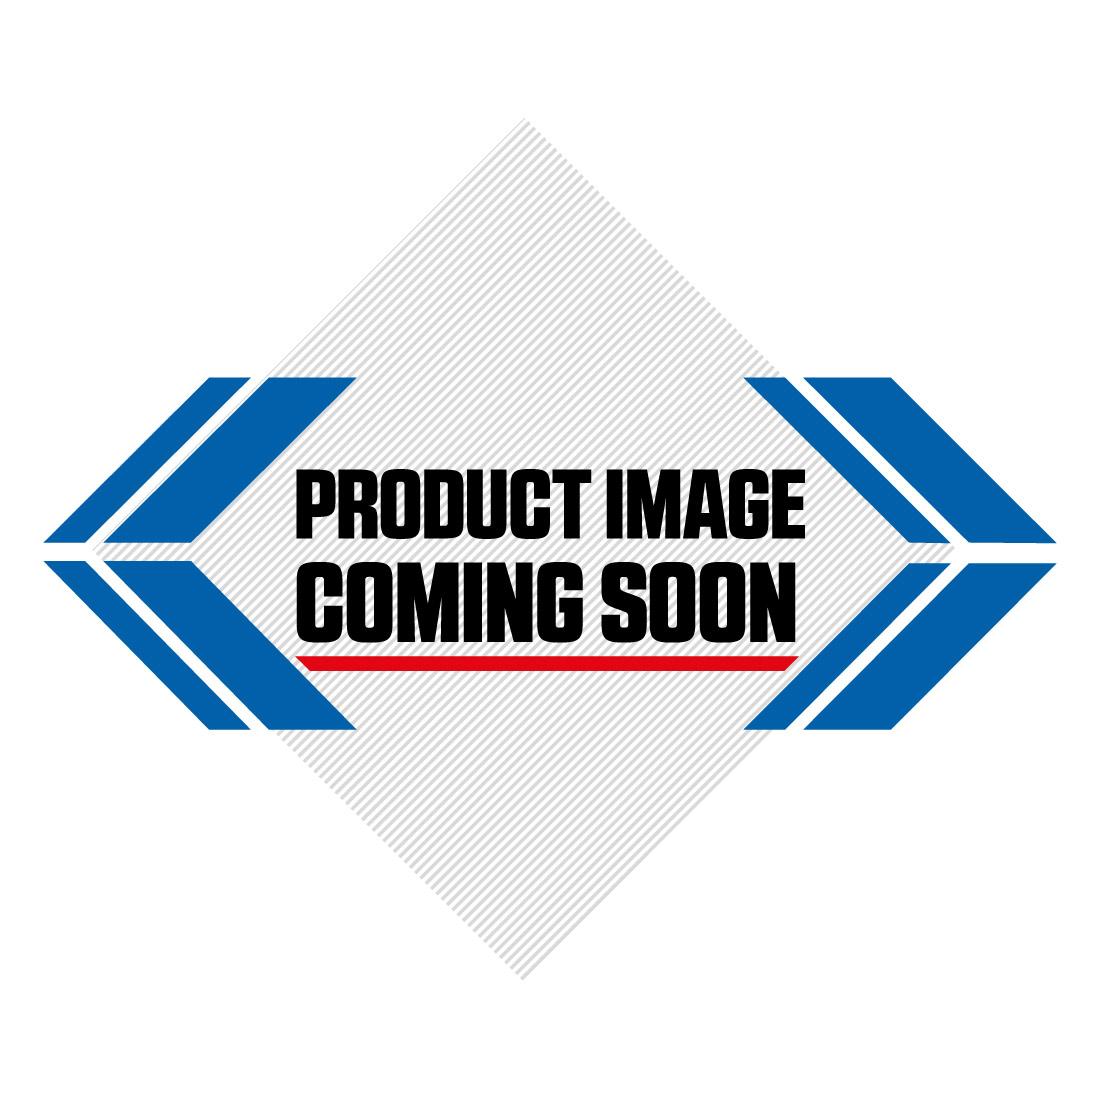 Husqvarna Plastic Kit OEM Factory Image-4>